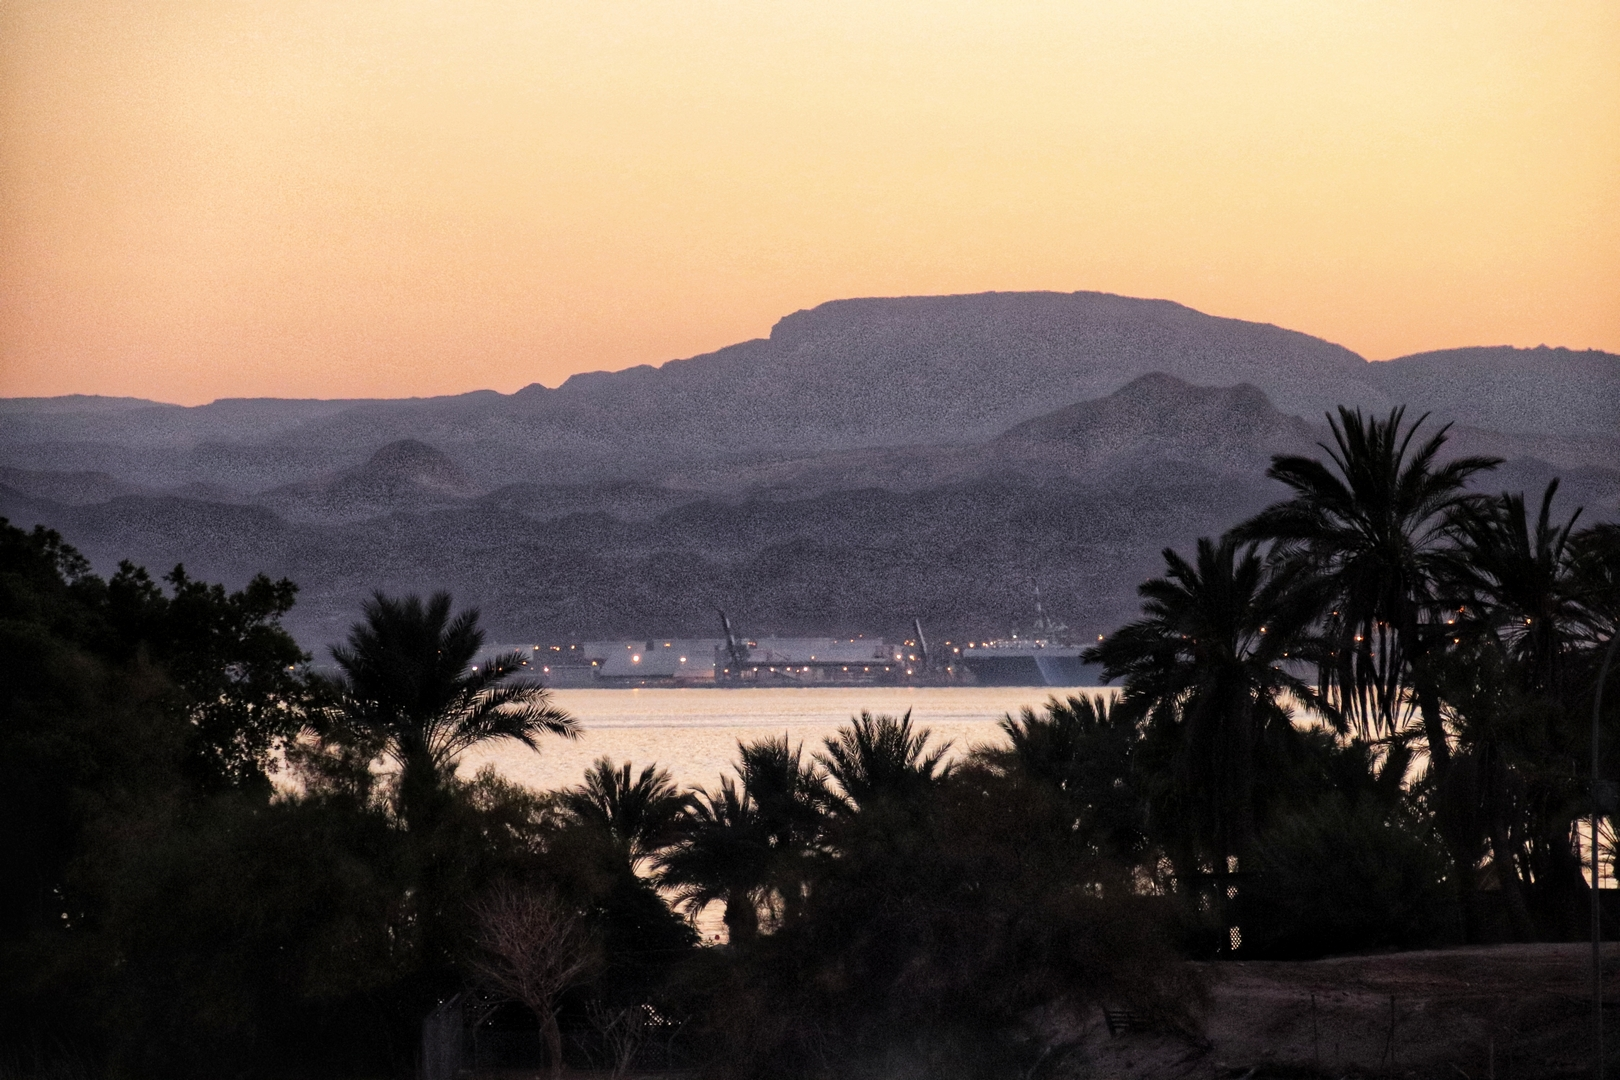 Jordanie - Coucher de soleil sur Aqaba